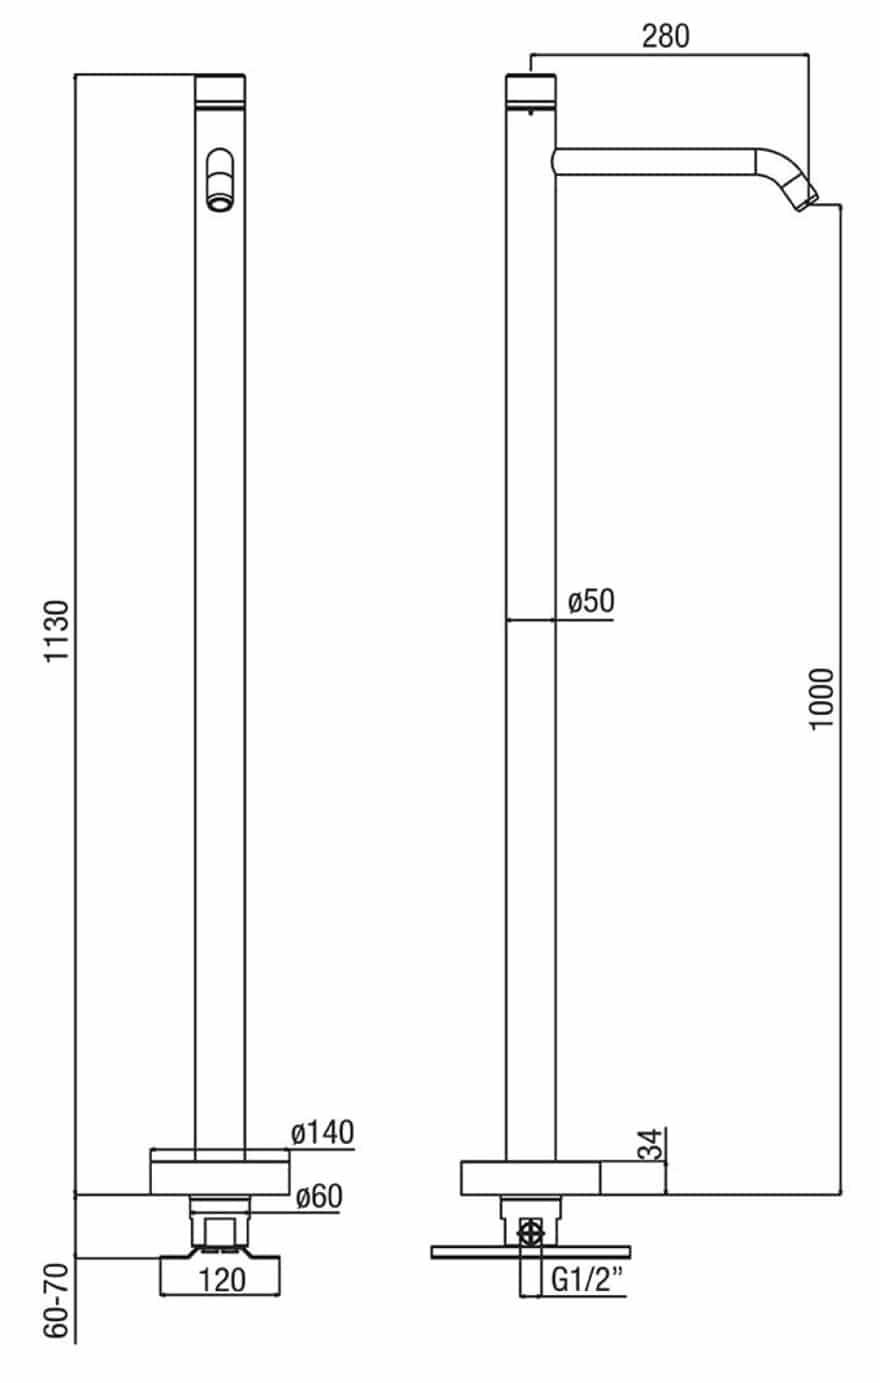 alpi-portofino-lavabo-PO278-tex-info-01